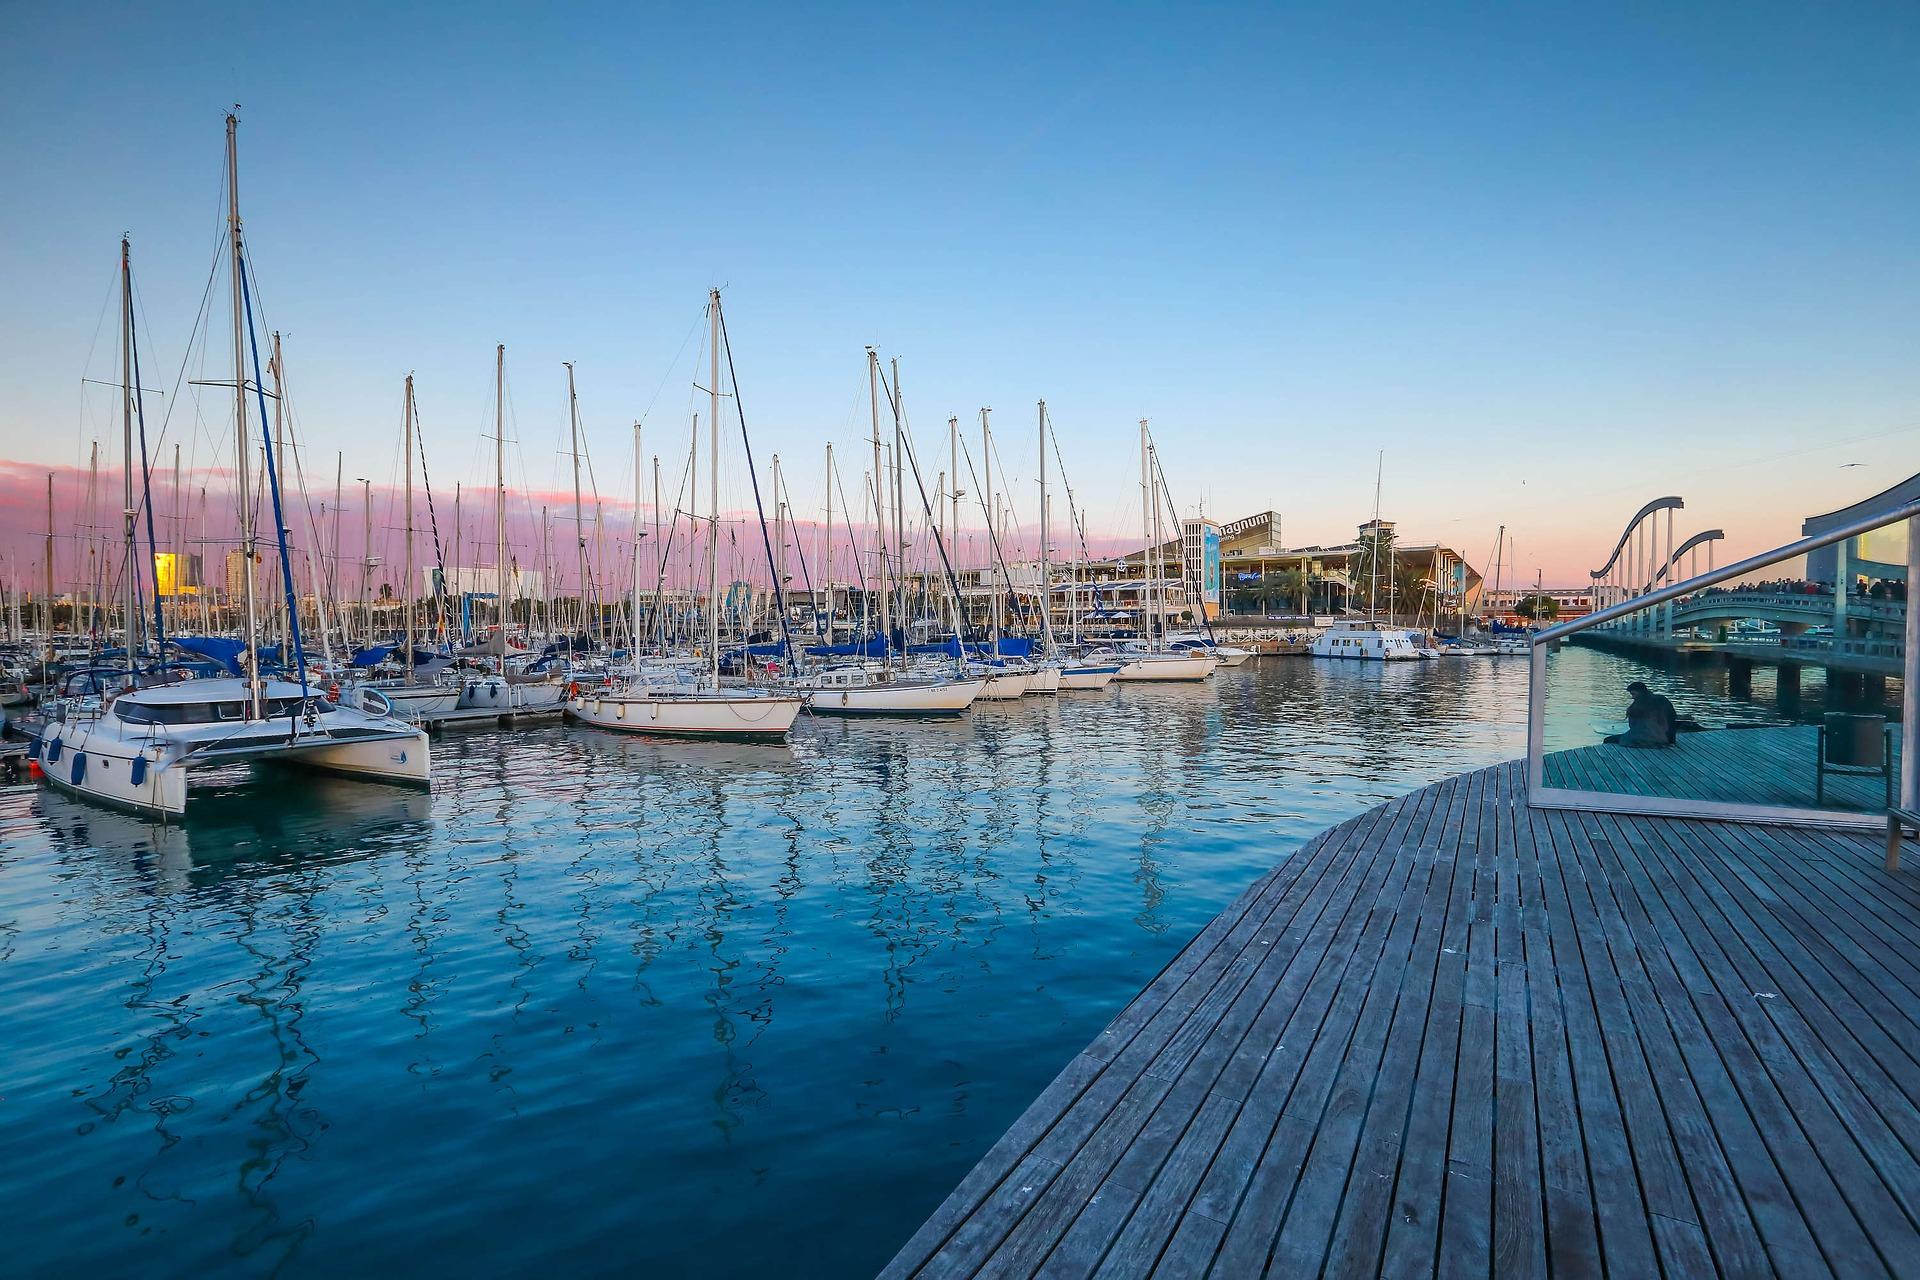 Der Hafen der beliebteste Hotspot für Touristen